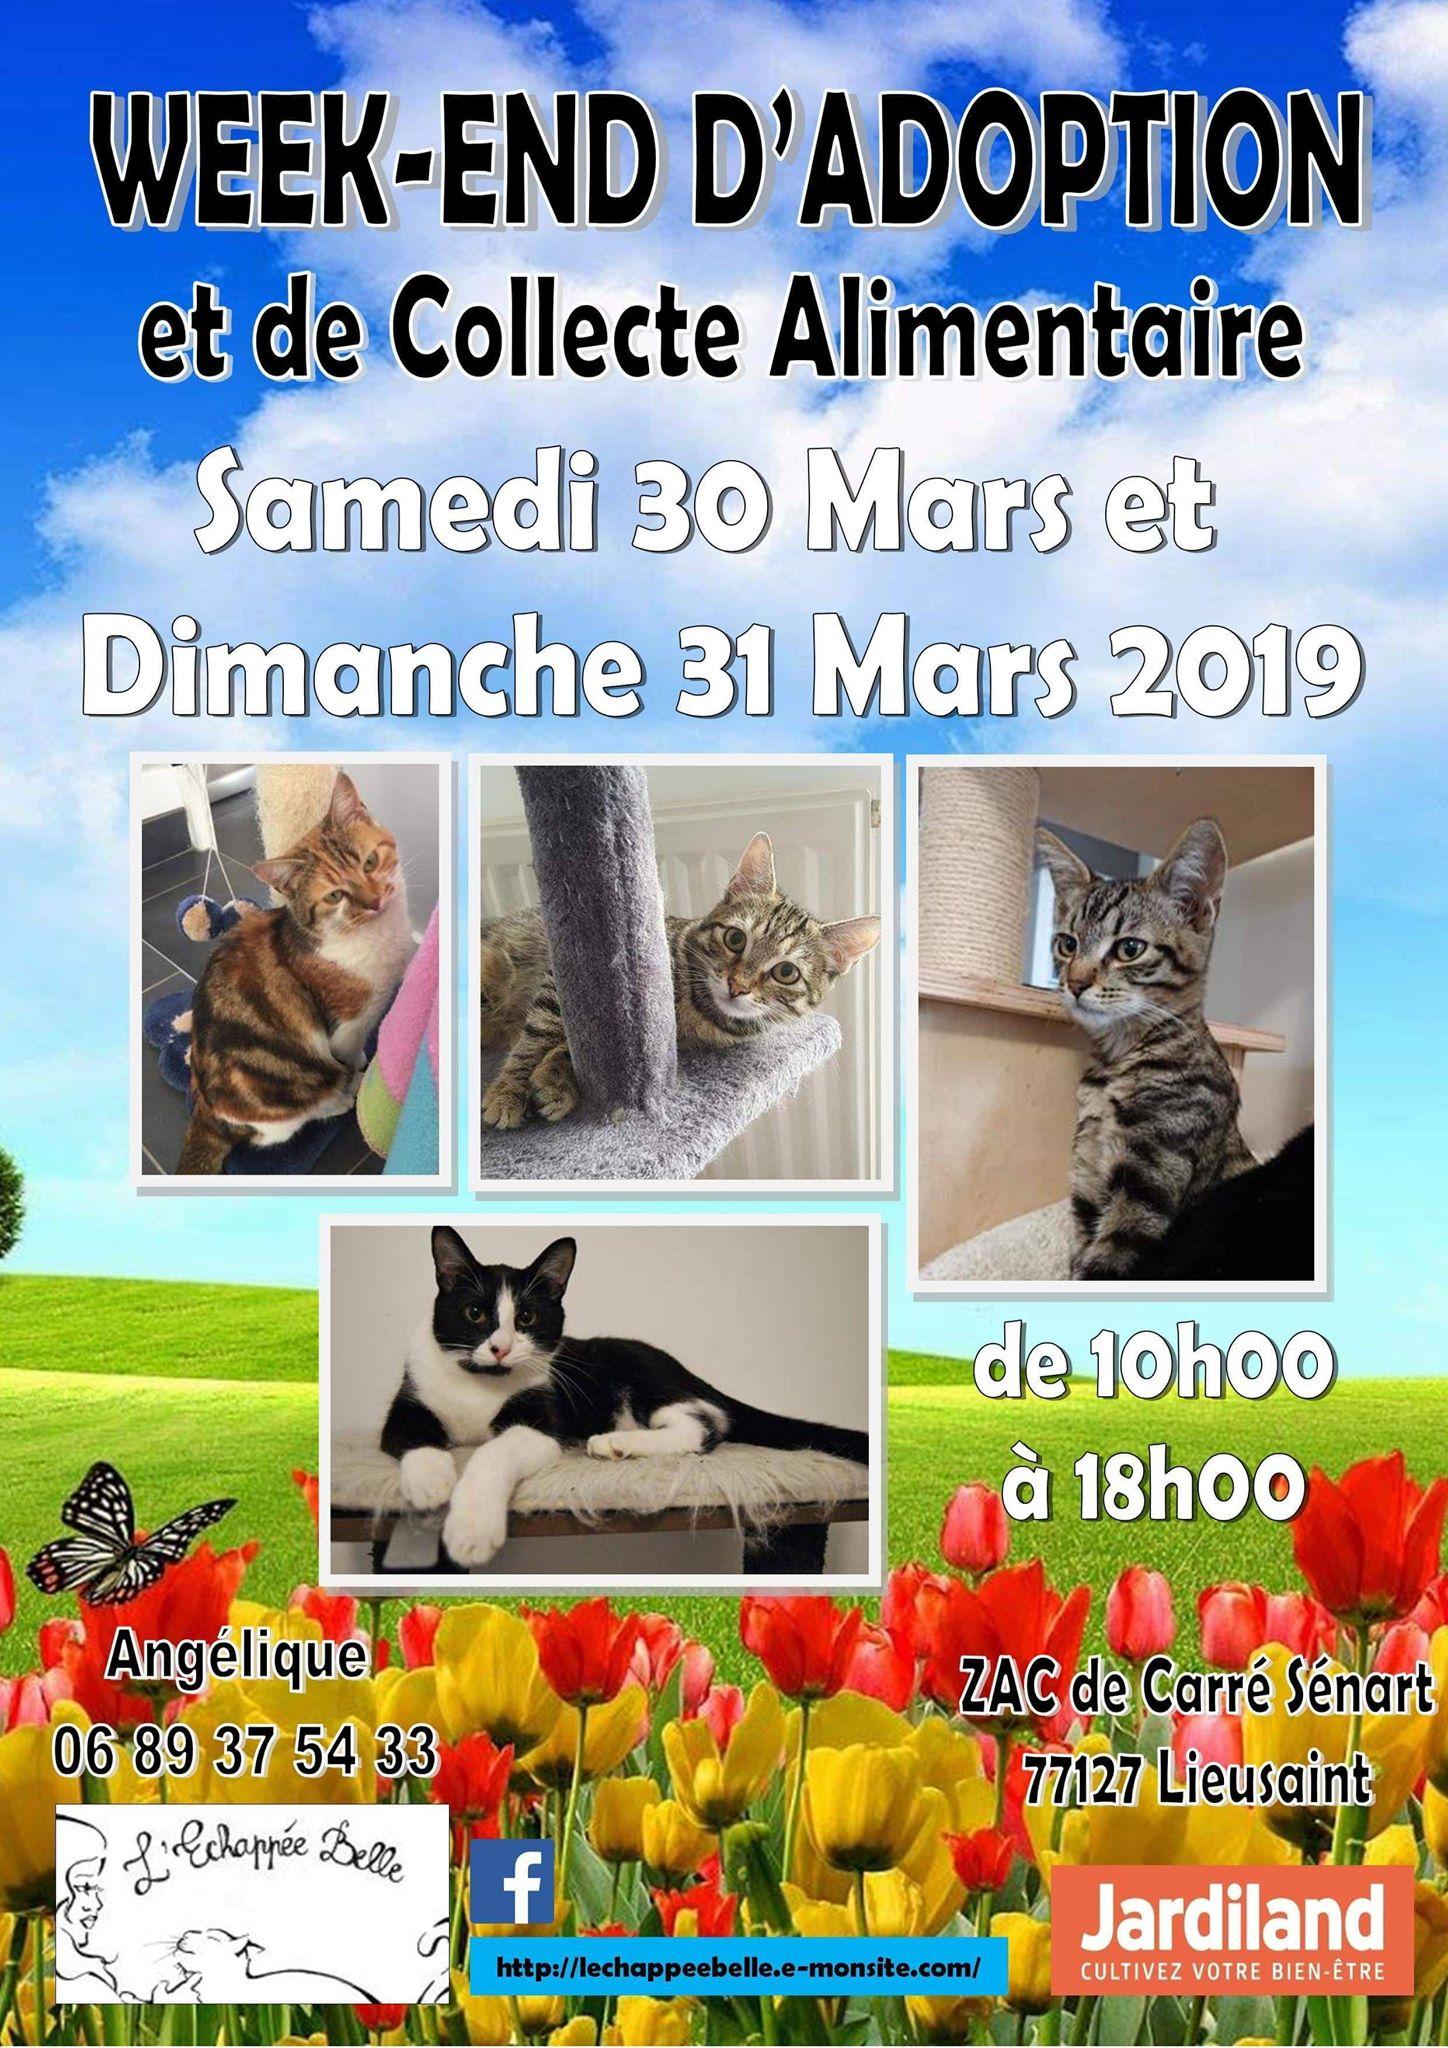 WEEK- END d'adoption et de collecte les 30 et 31 mars  2019 JARDILAND CARRE SENART 77